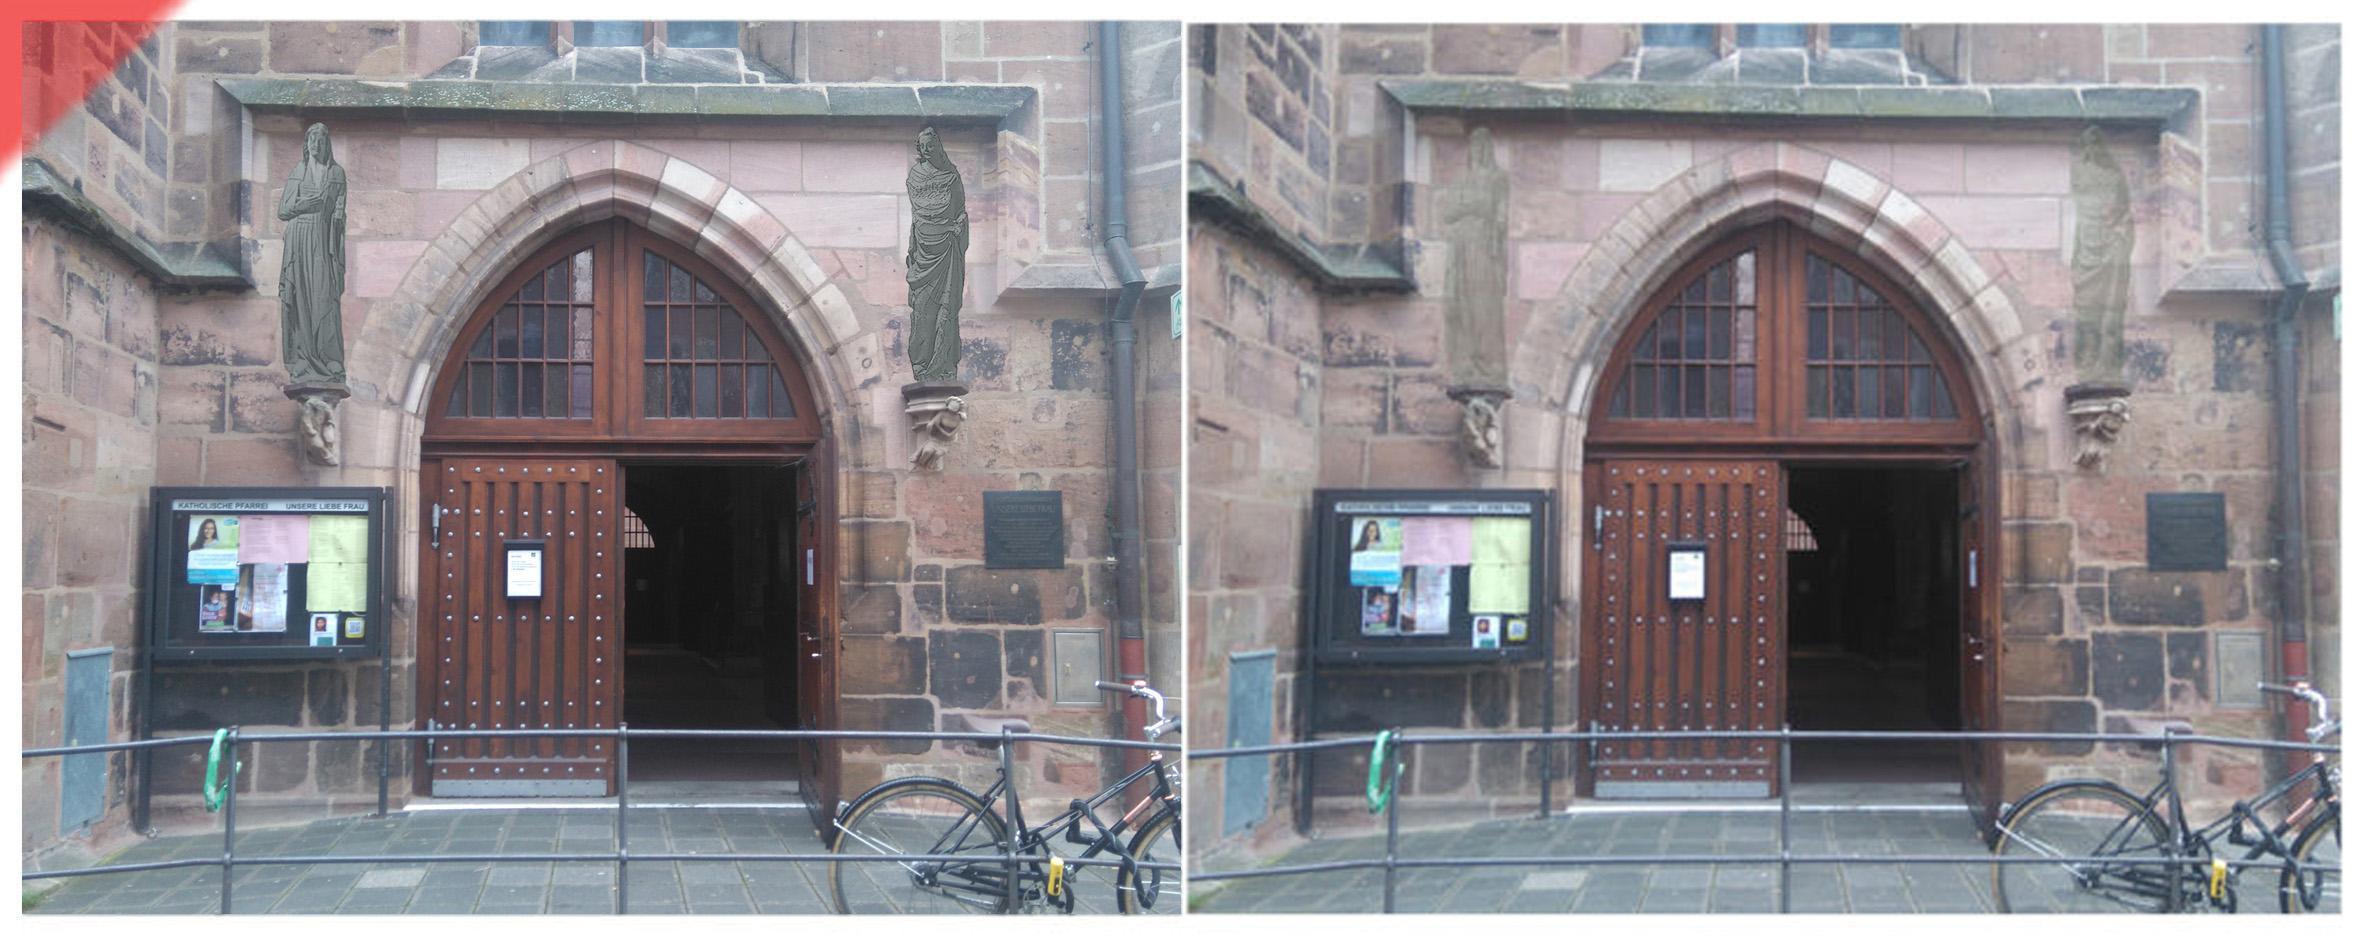 Frauenkirche-Liebfrauenkirche-grau-zwei-Skulpturen-Verkündung-Erzengel-Gabriel-Nordportal